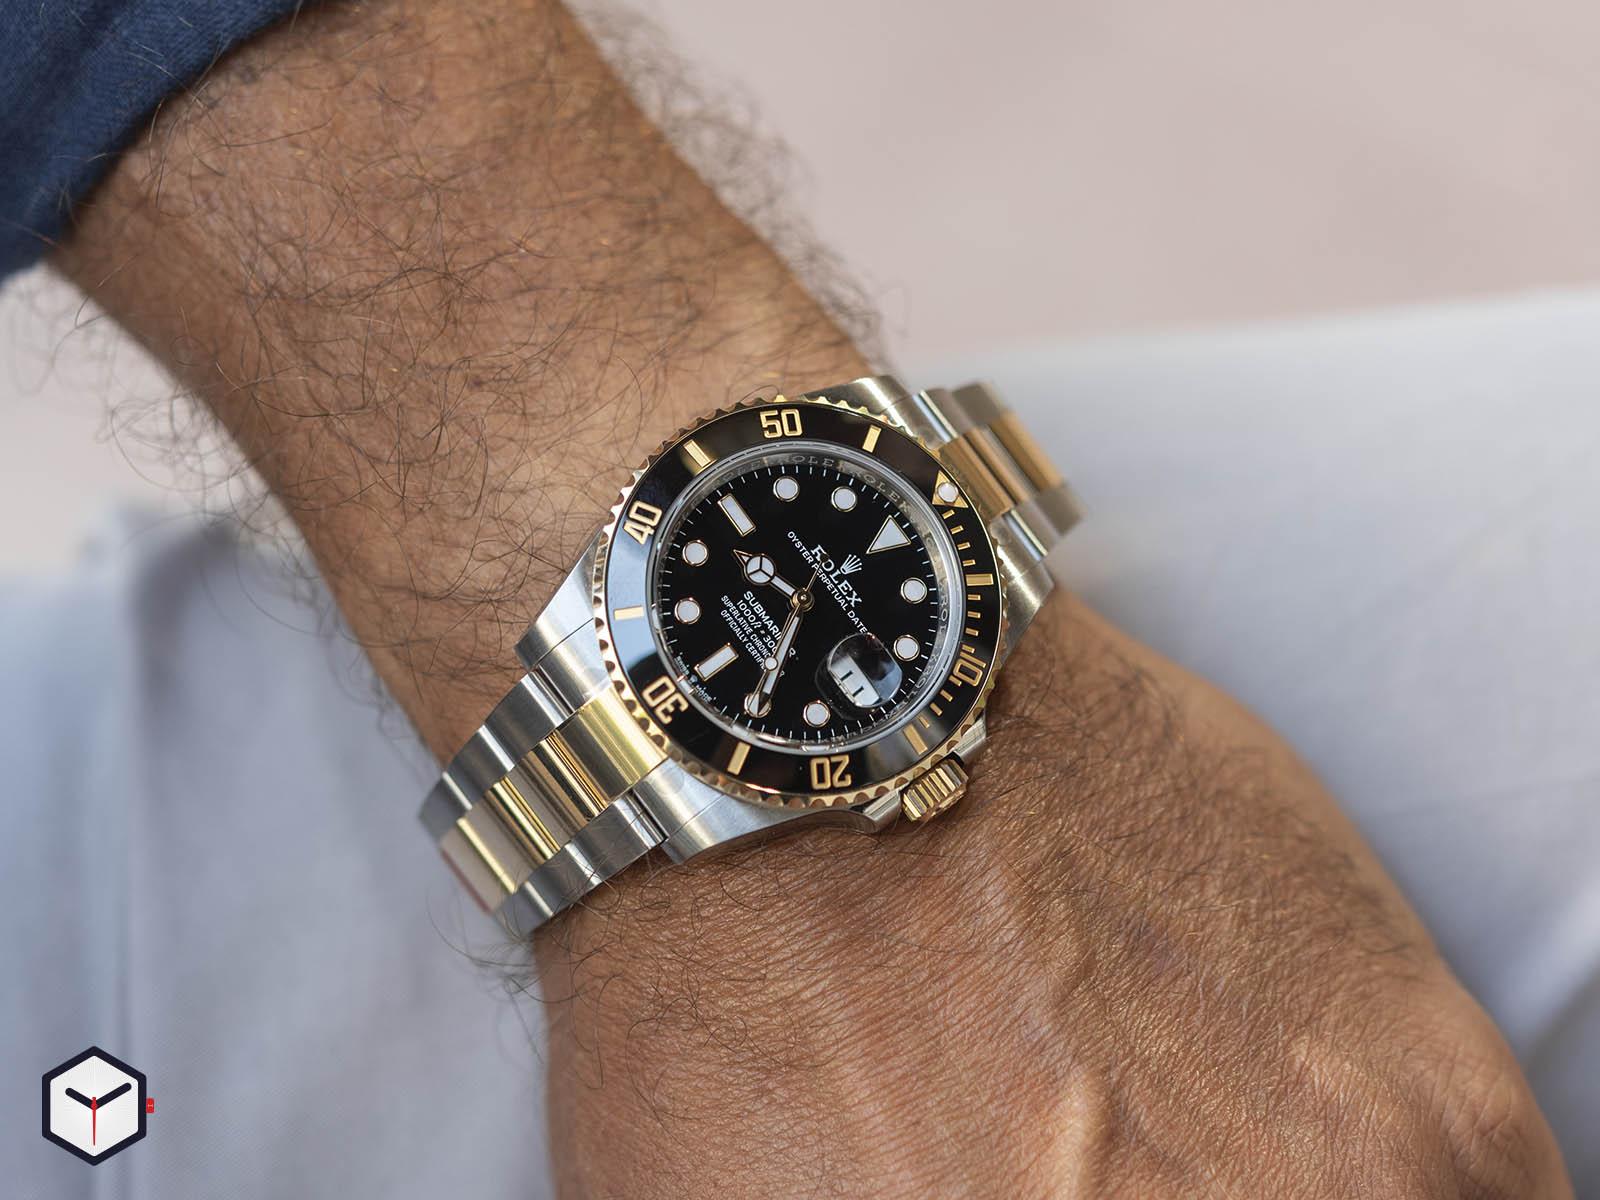 126613-rolex-submariner-2020-12.jpg